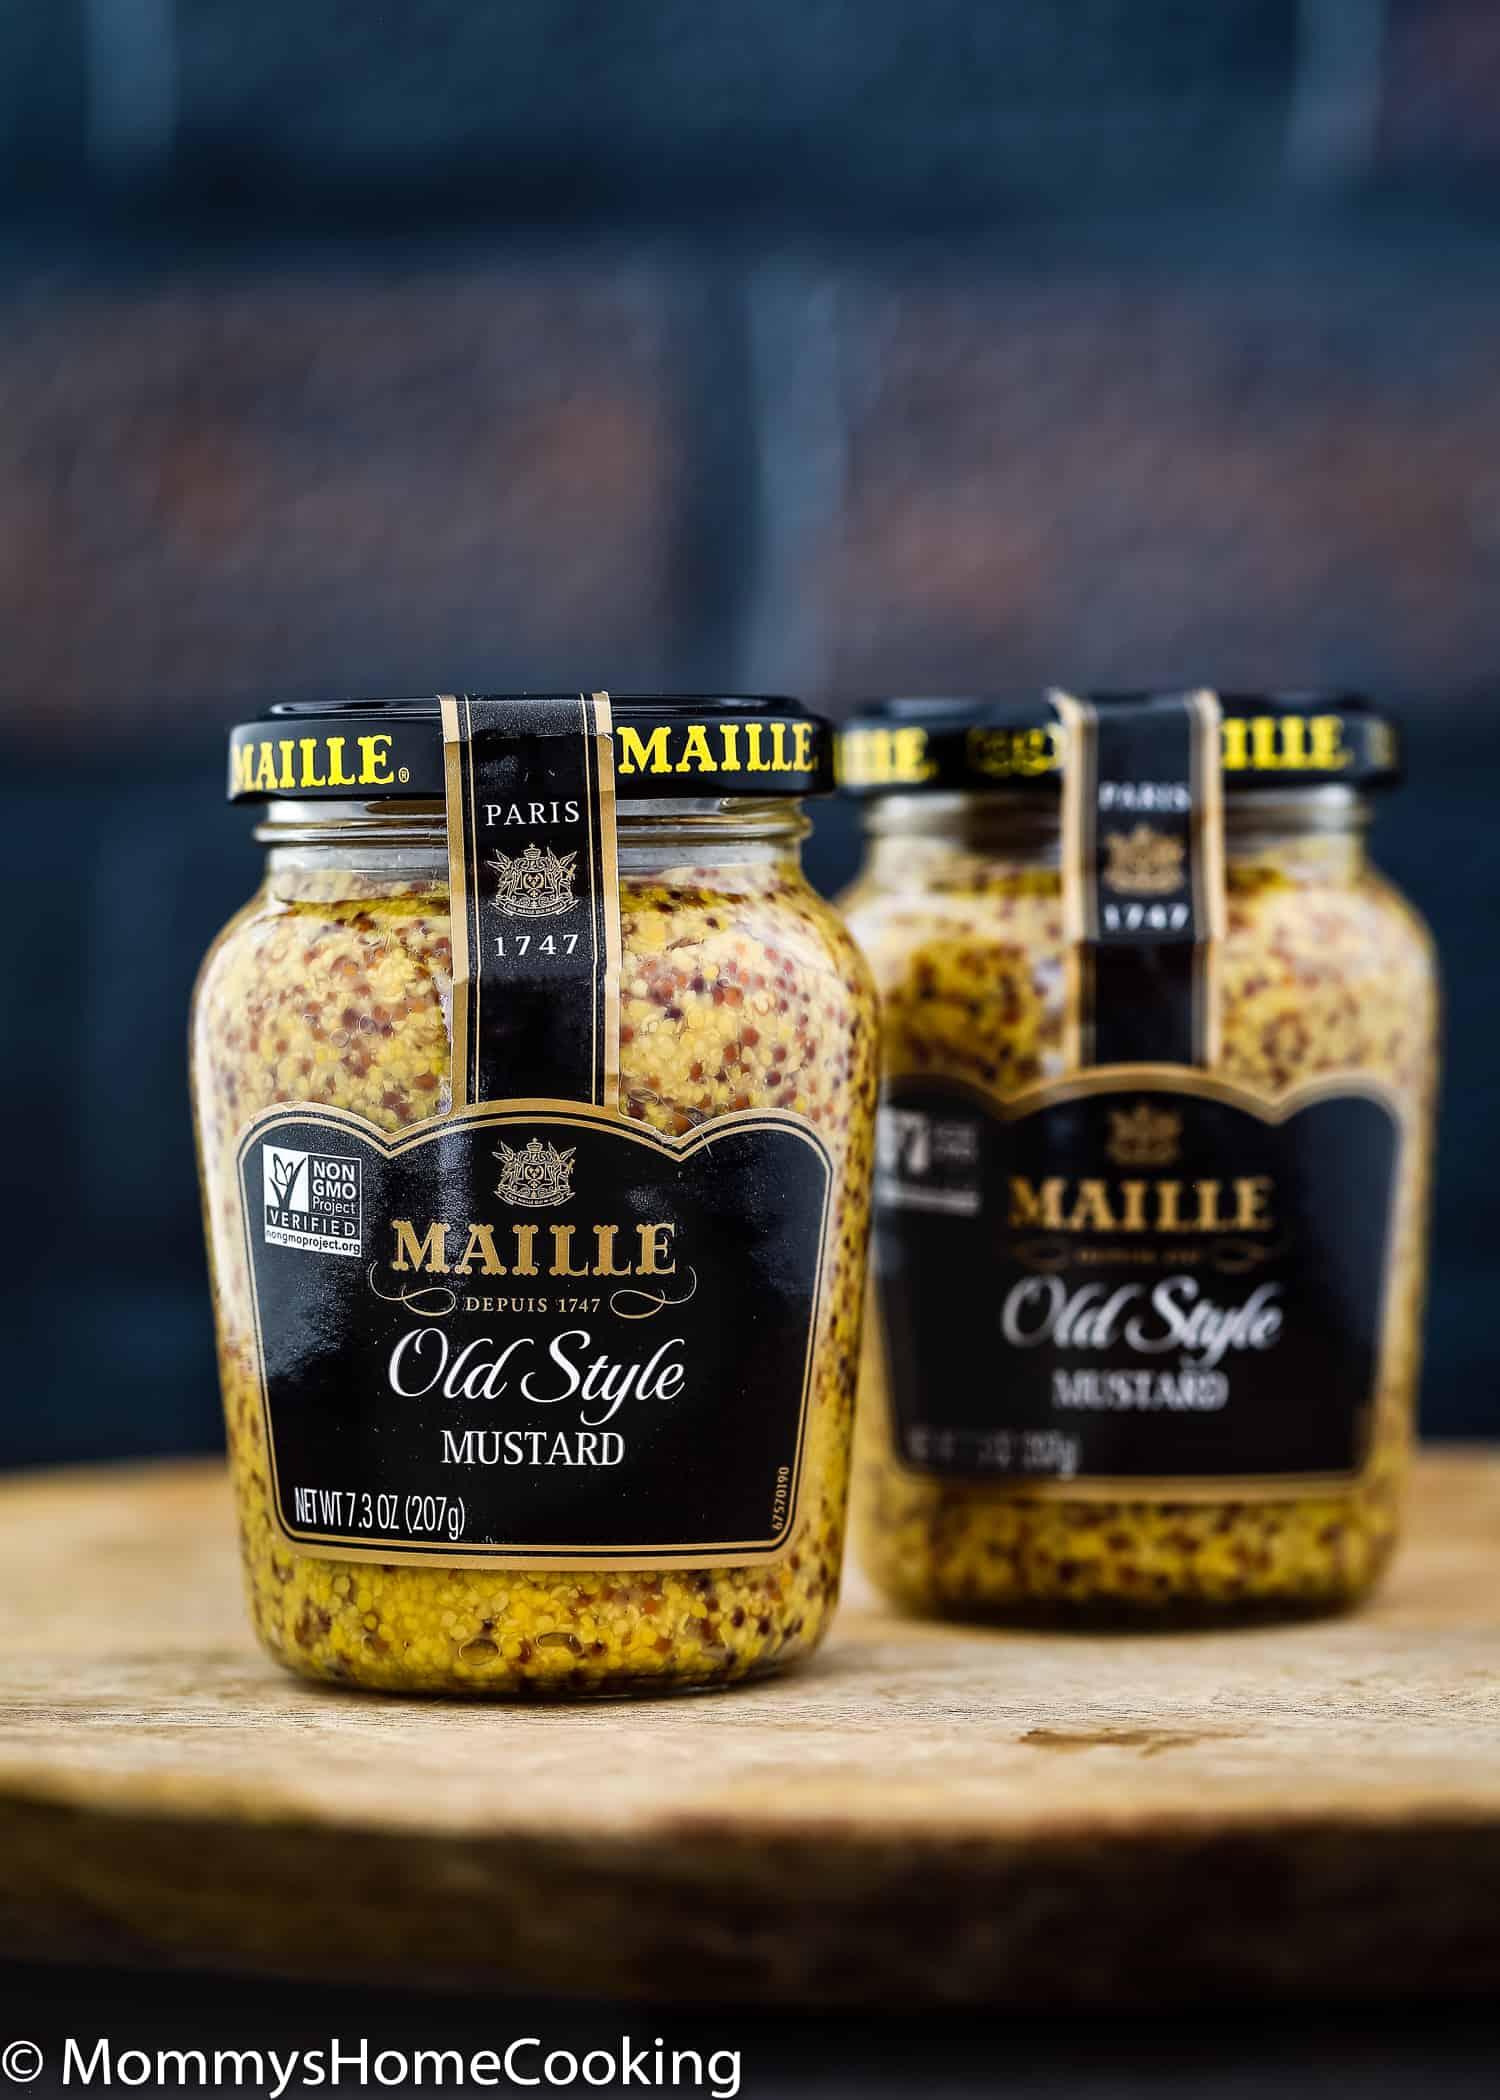 Mustard Maille